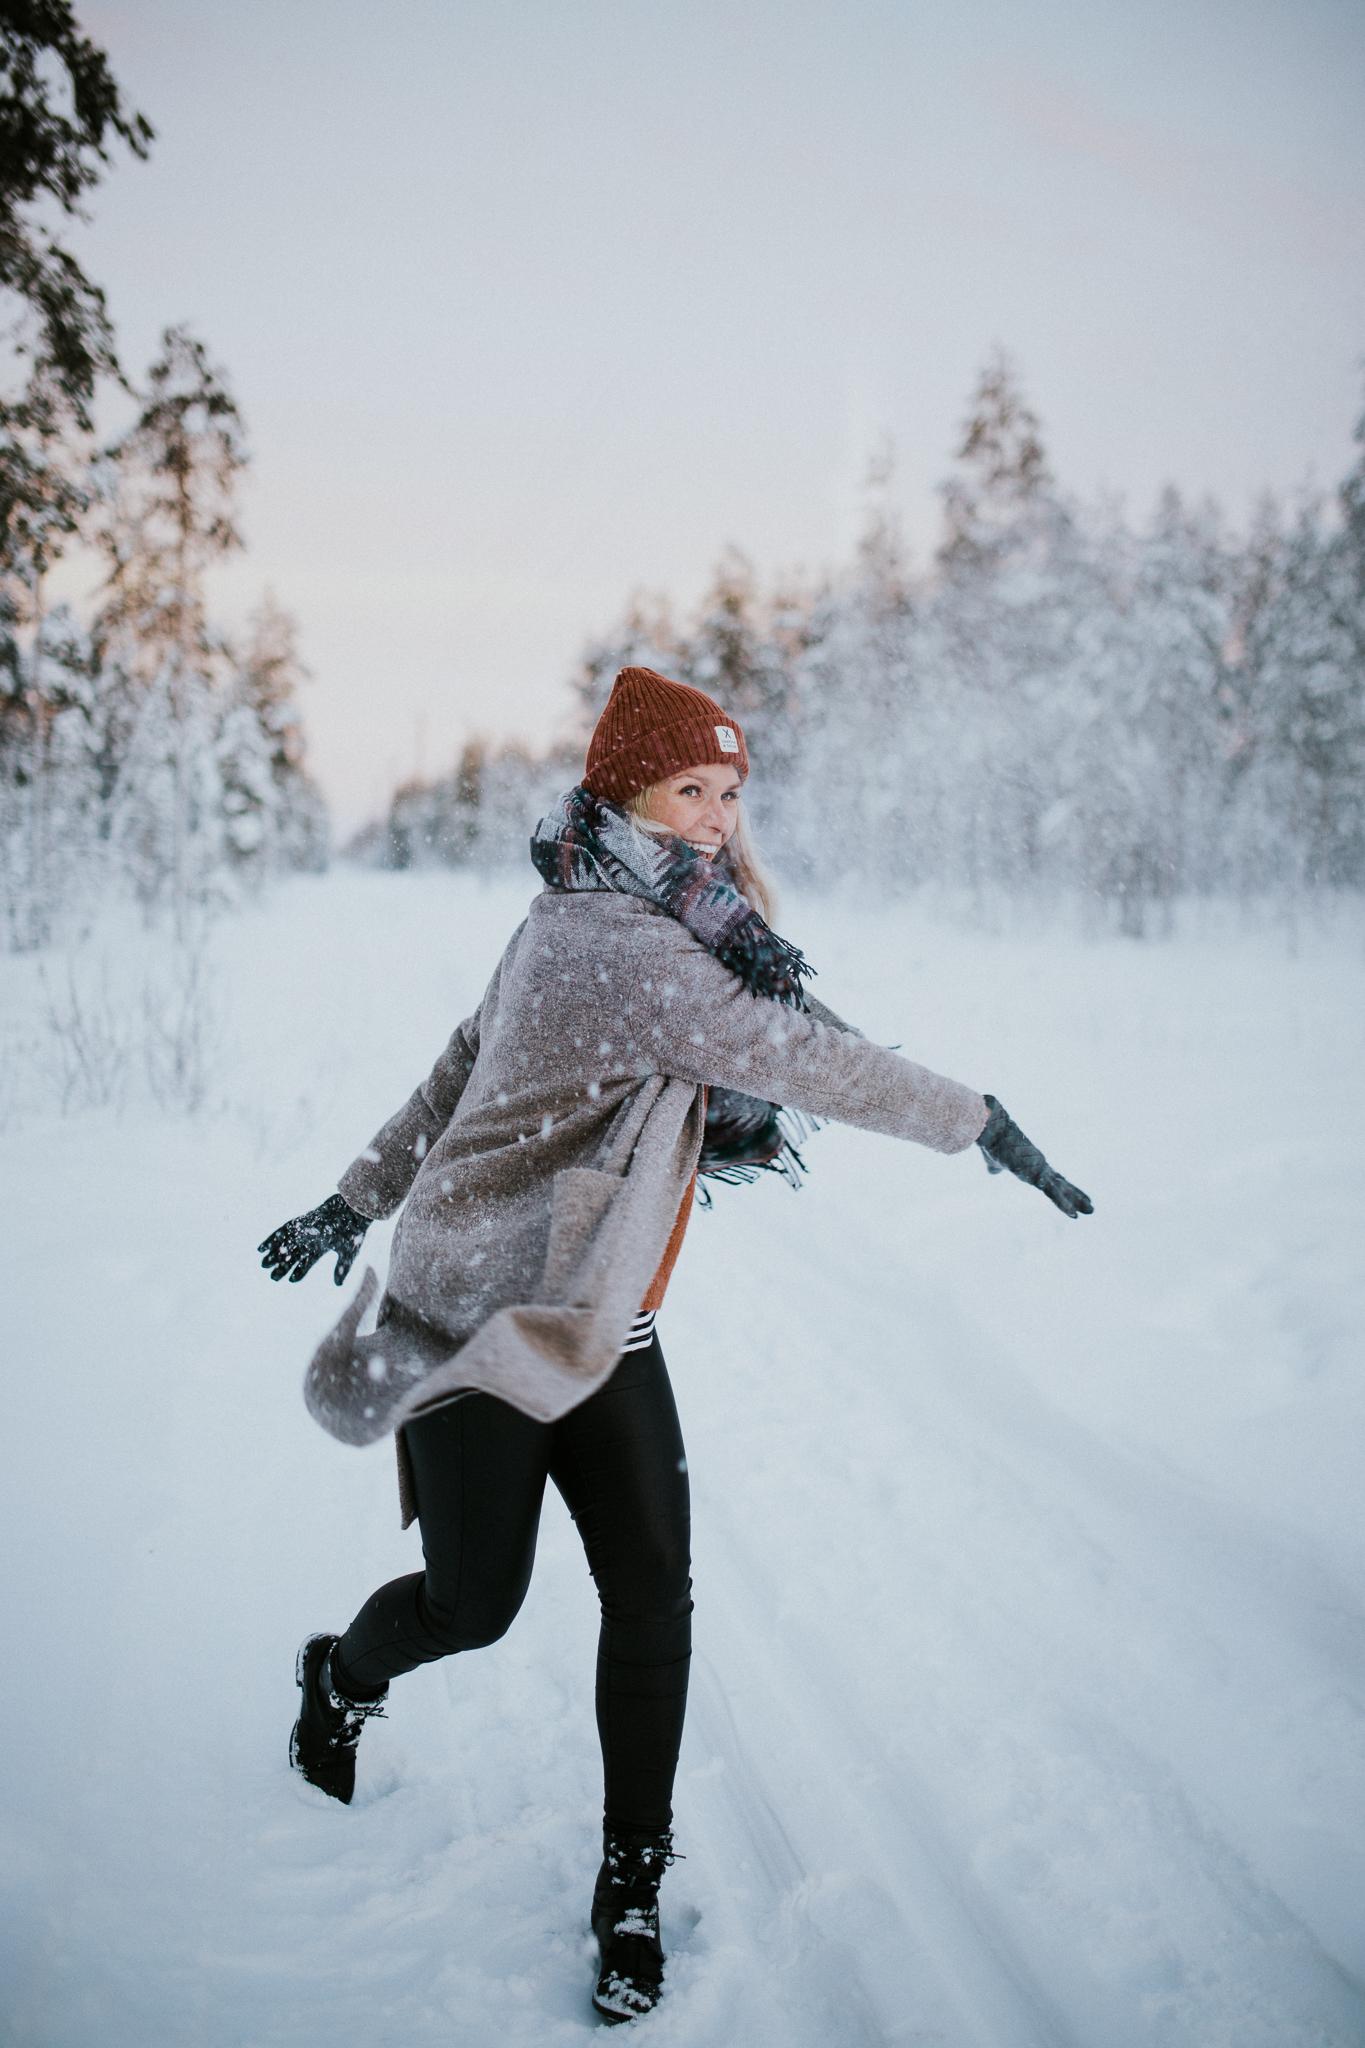 January Winter Photos-7.jpg